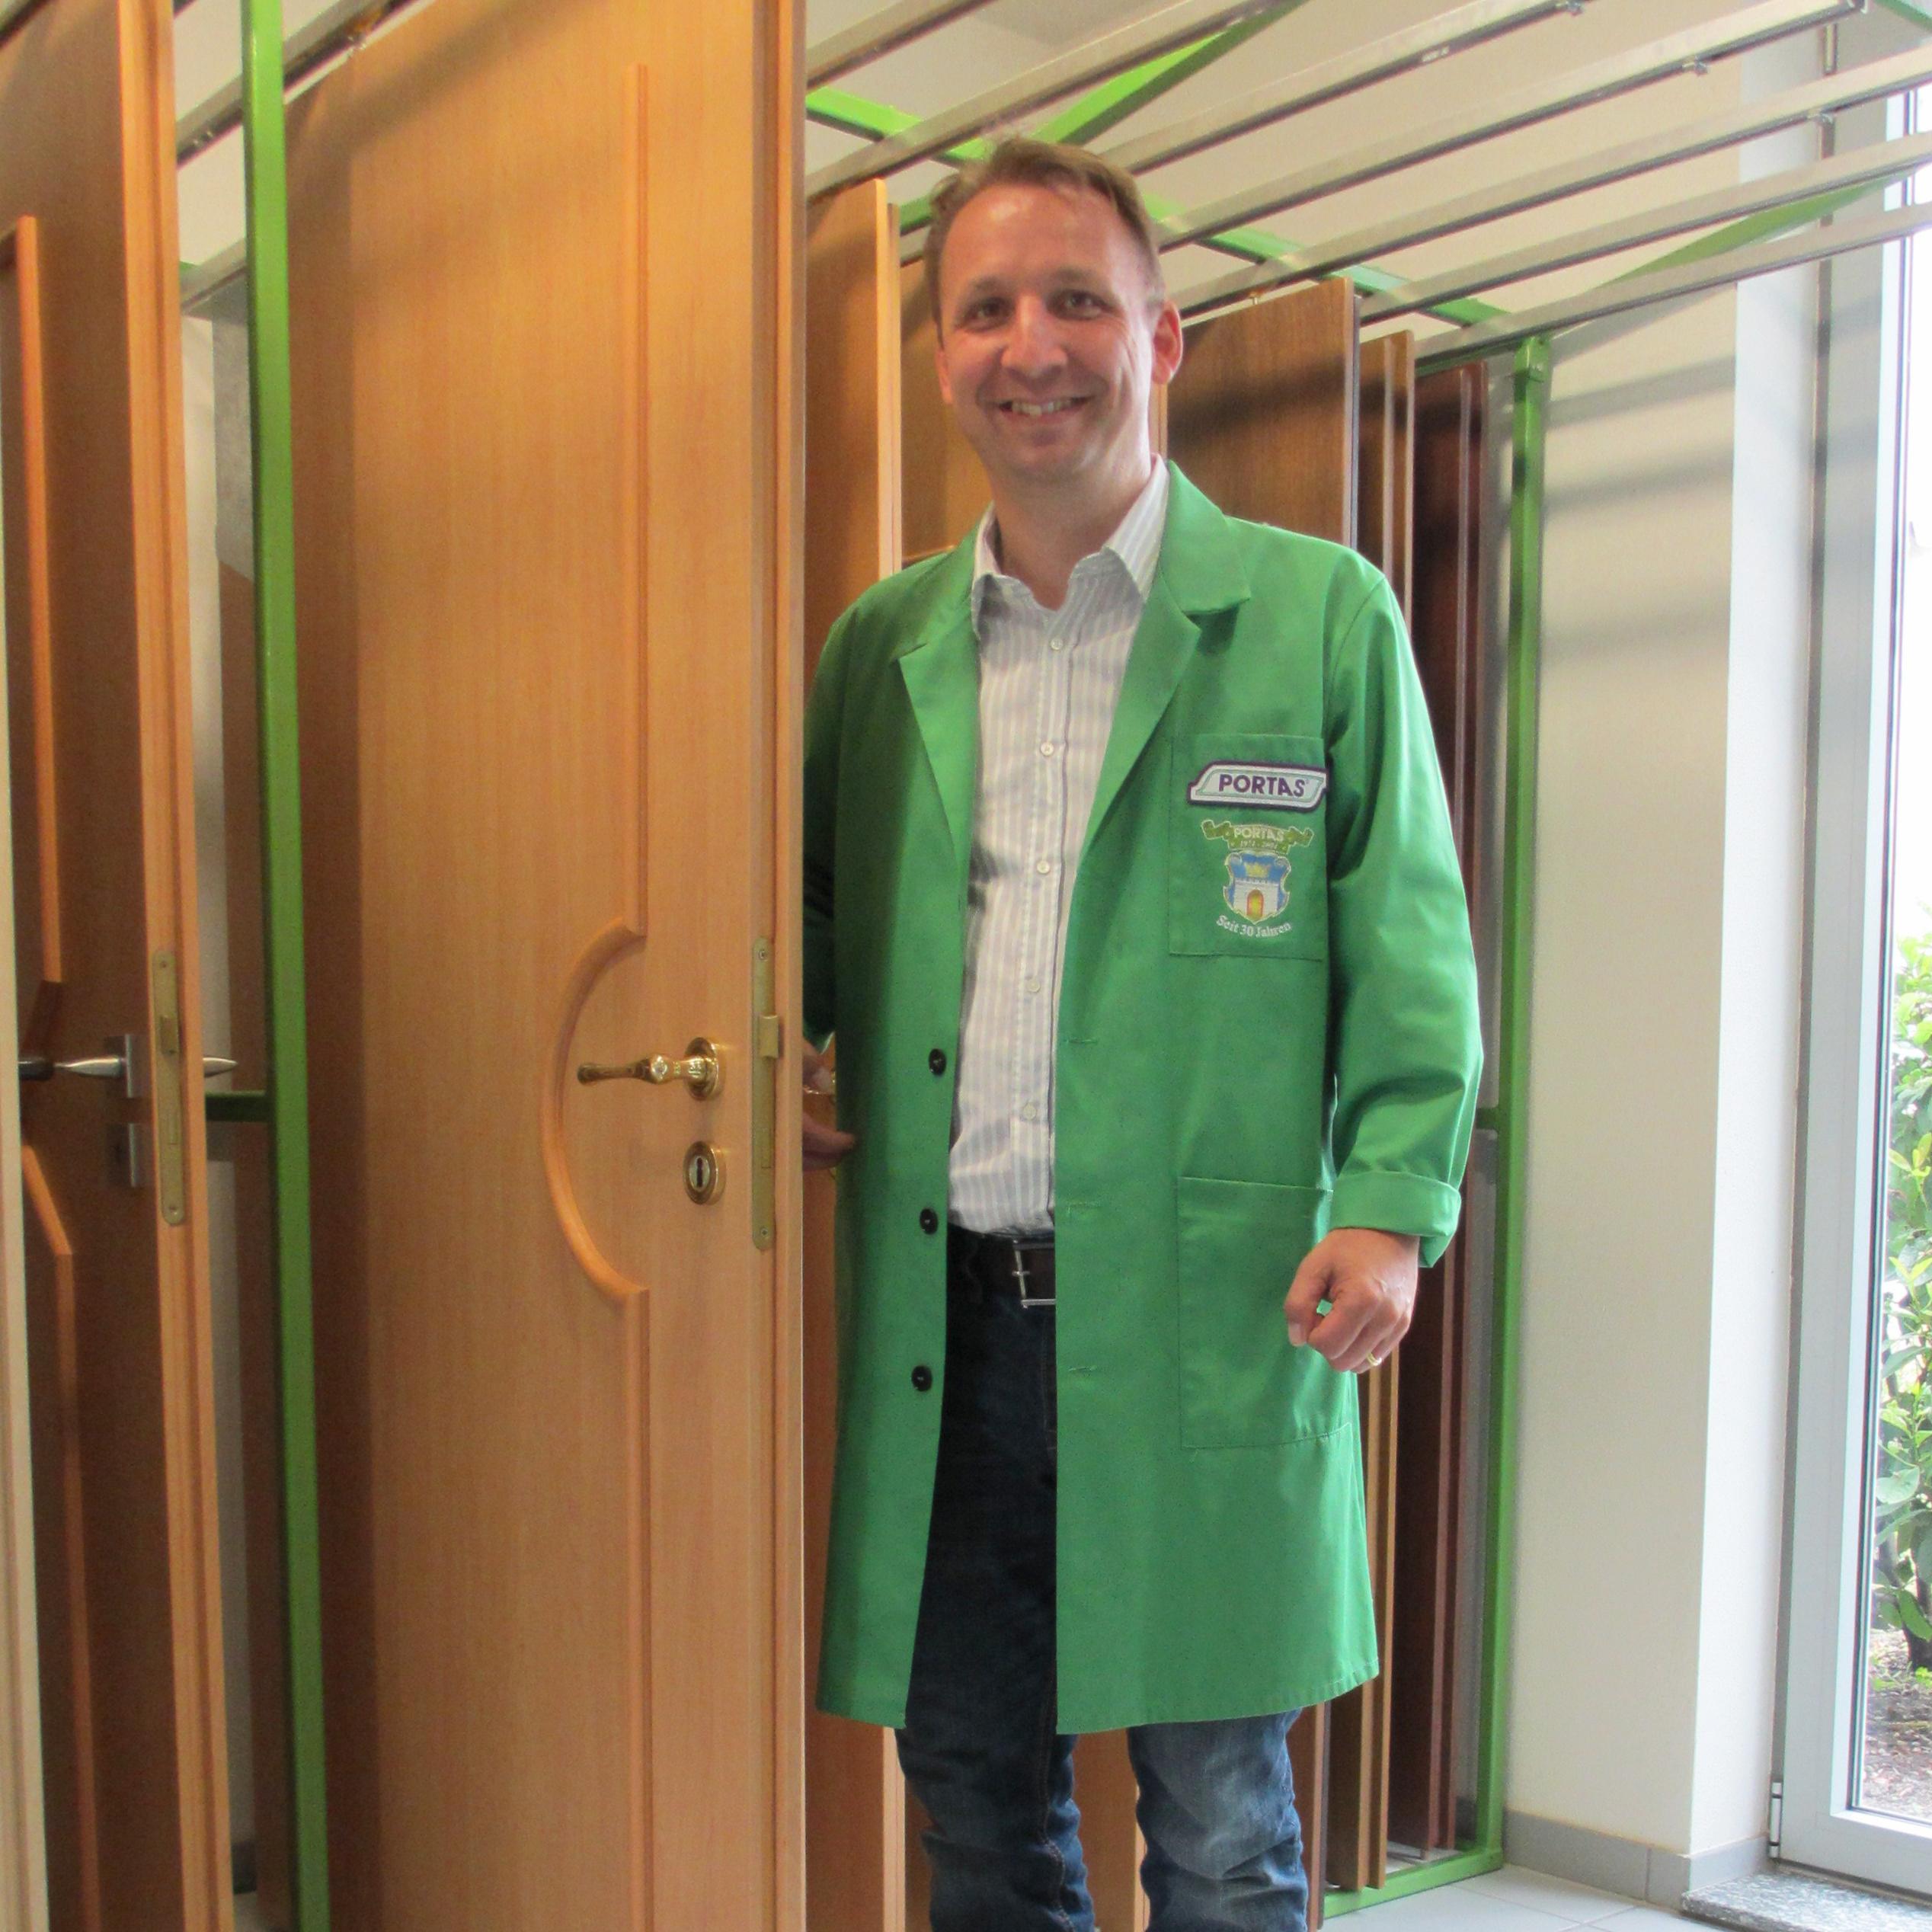 Foto de PORTAS-Fachbetrieb Markus Leibhammer GmbH